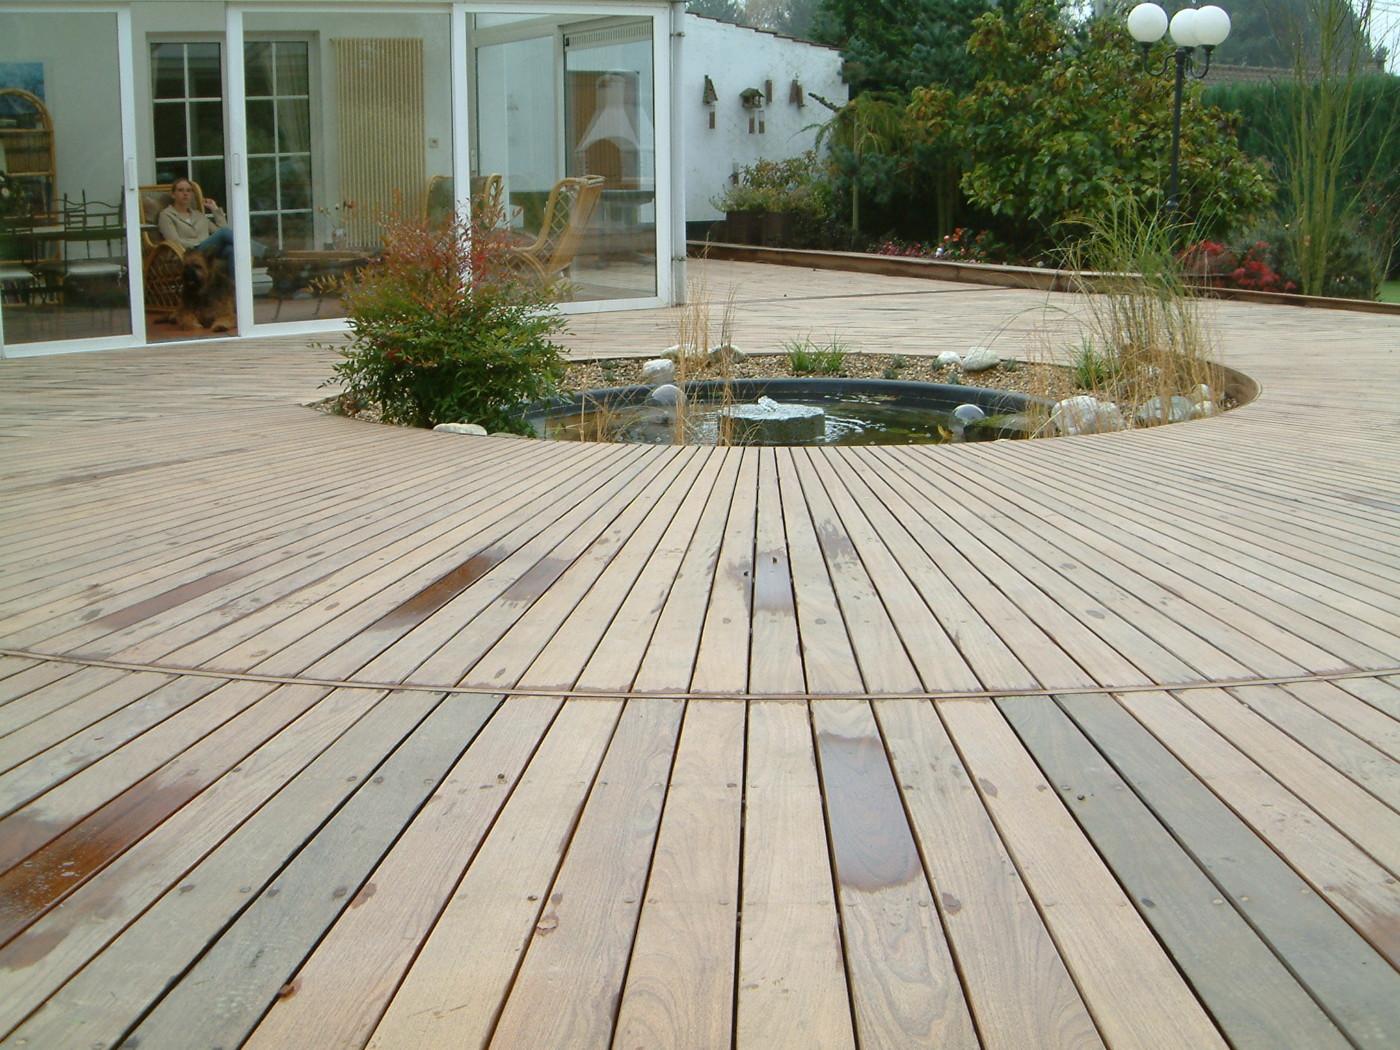 terrasse arrondie en ip mt design. Black Bedroom Furniture Sets. Home Design Ideas